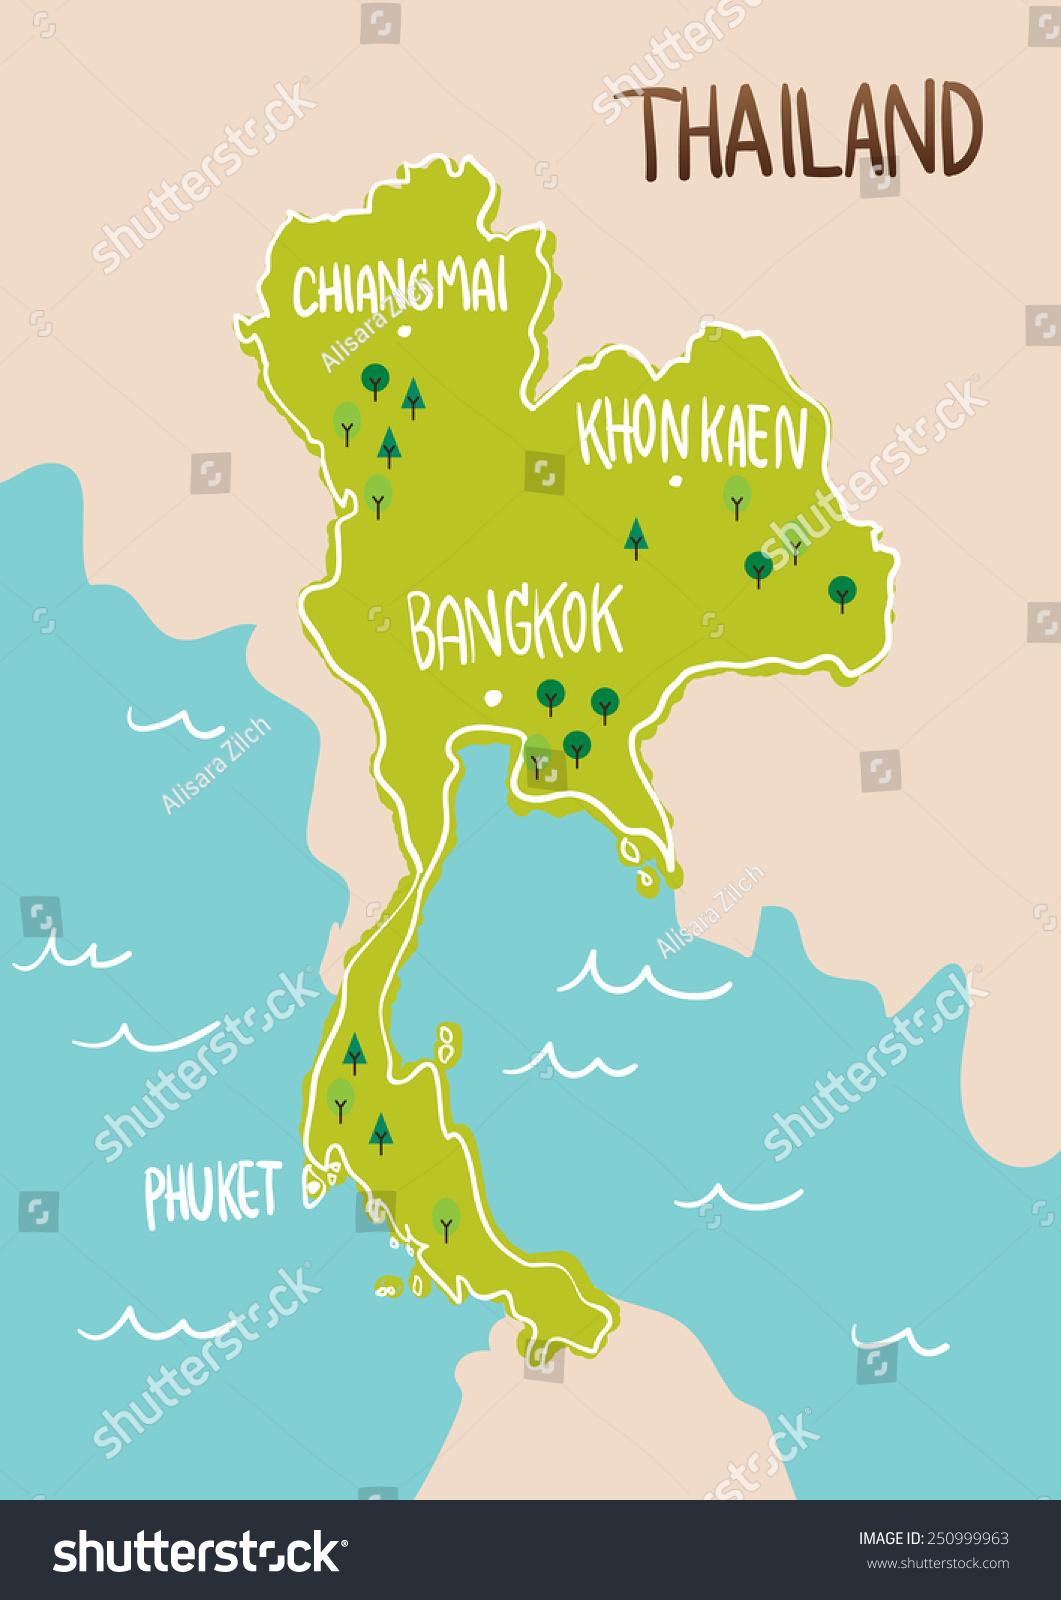 泰国地图绘制插图向量-建筑物/地标,背景/素材-海洛()